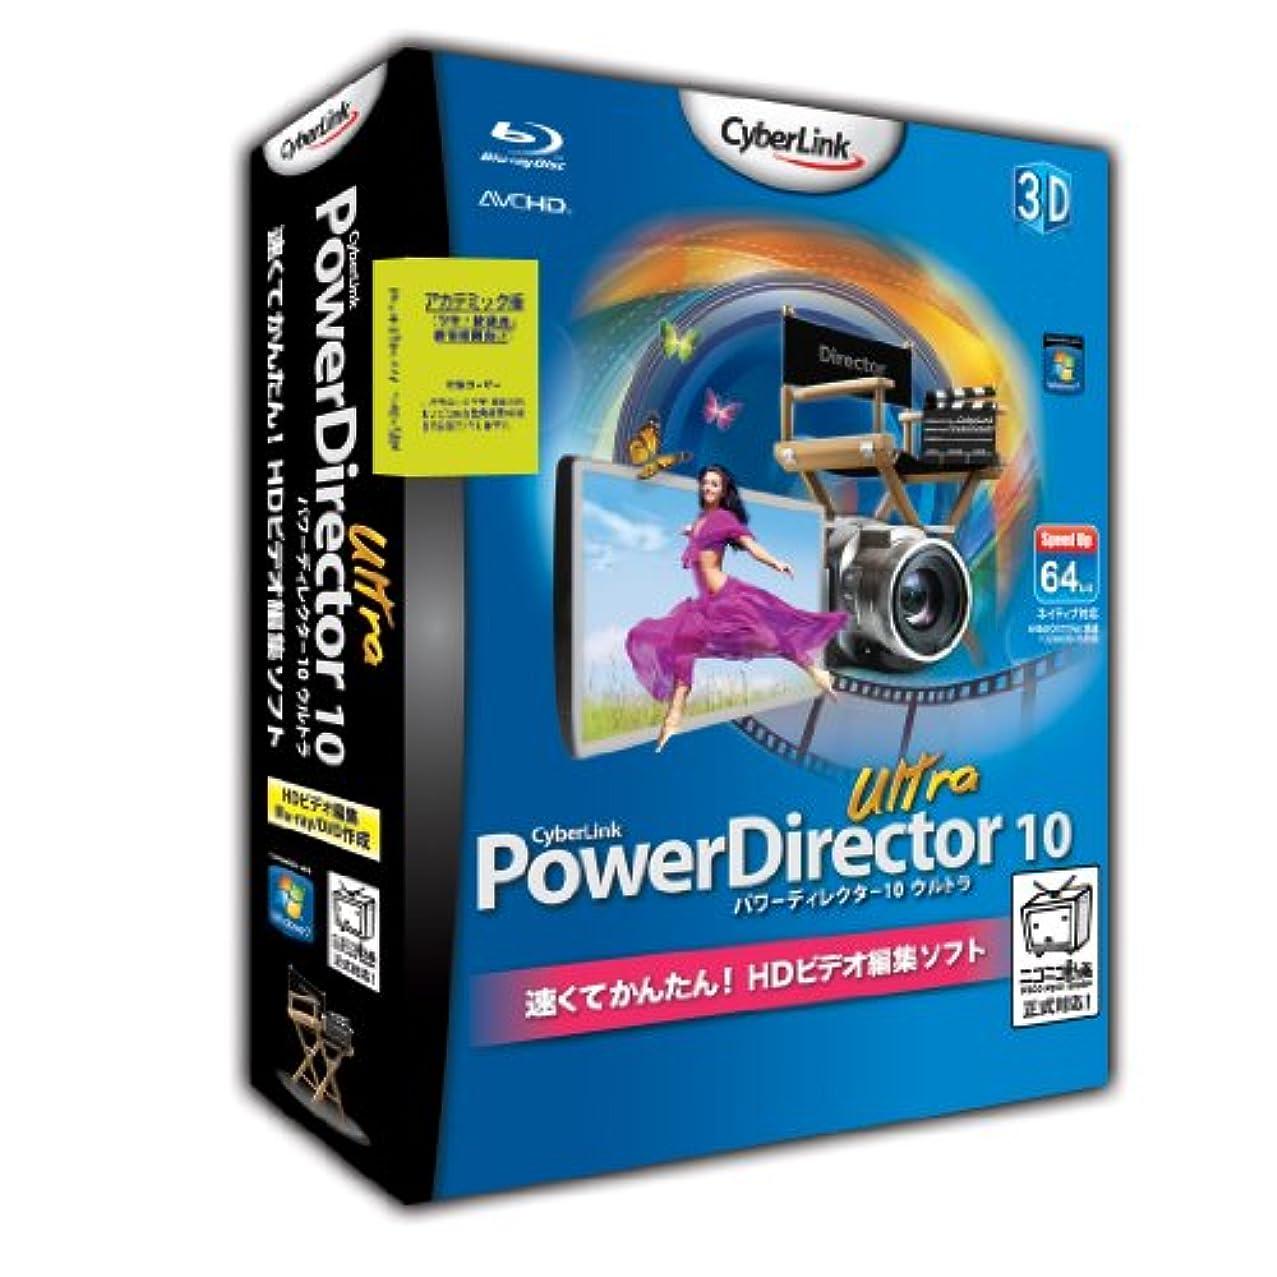 暗殺者偶然汚染PowerDirector10 Ultra アカデミック版